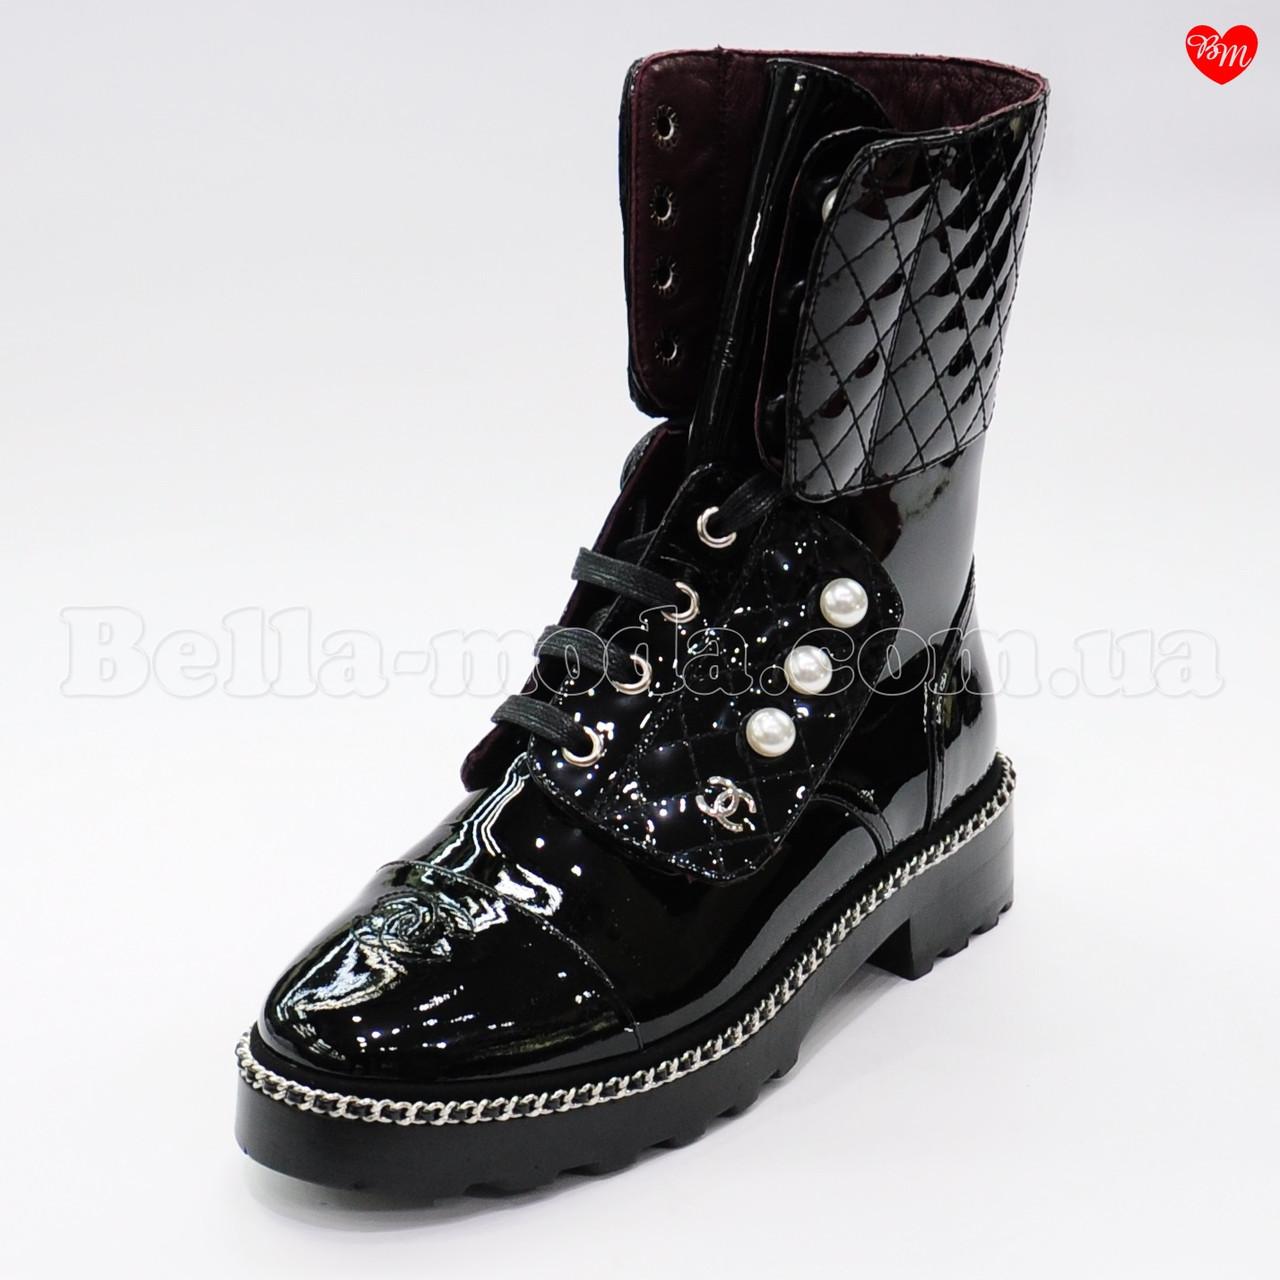 1868fa69 Купить Женские высокие ботинки Chanel в розницу от интернет-магазина ...